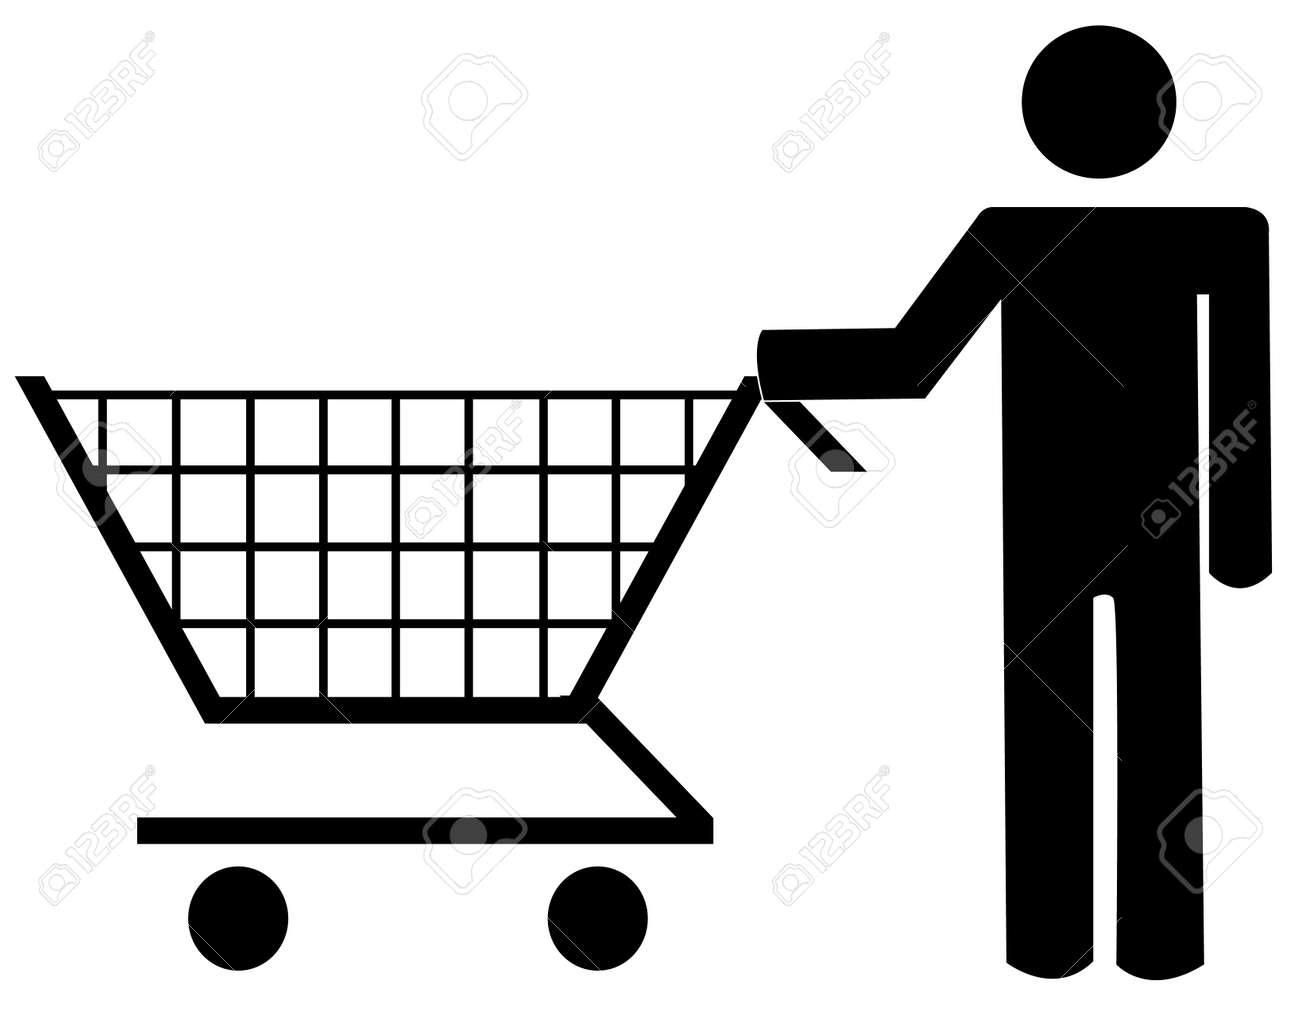 ショッピングカート ベクター イラストを押す人間図のイラスト素材